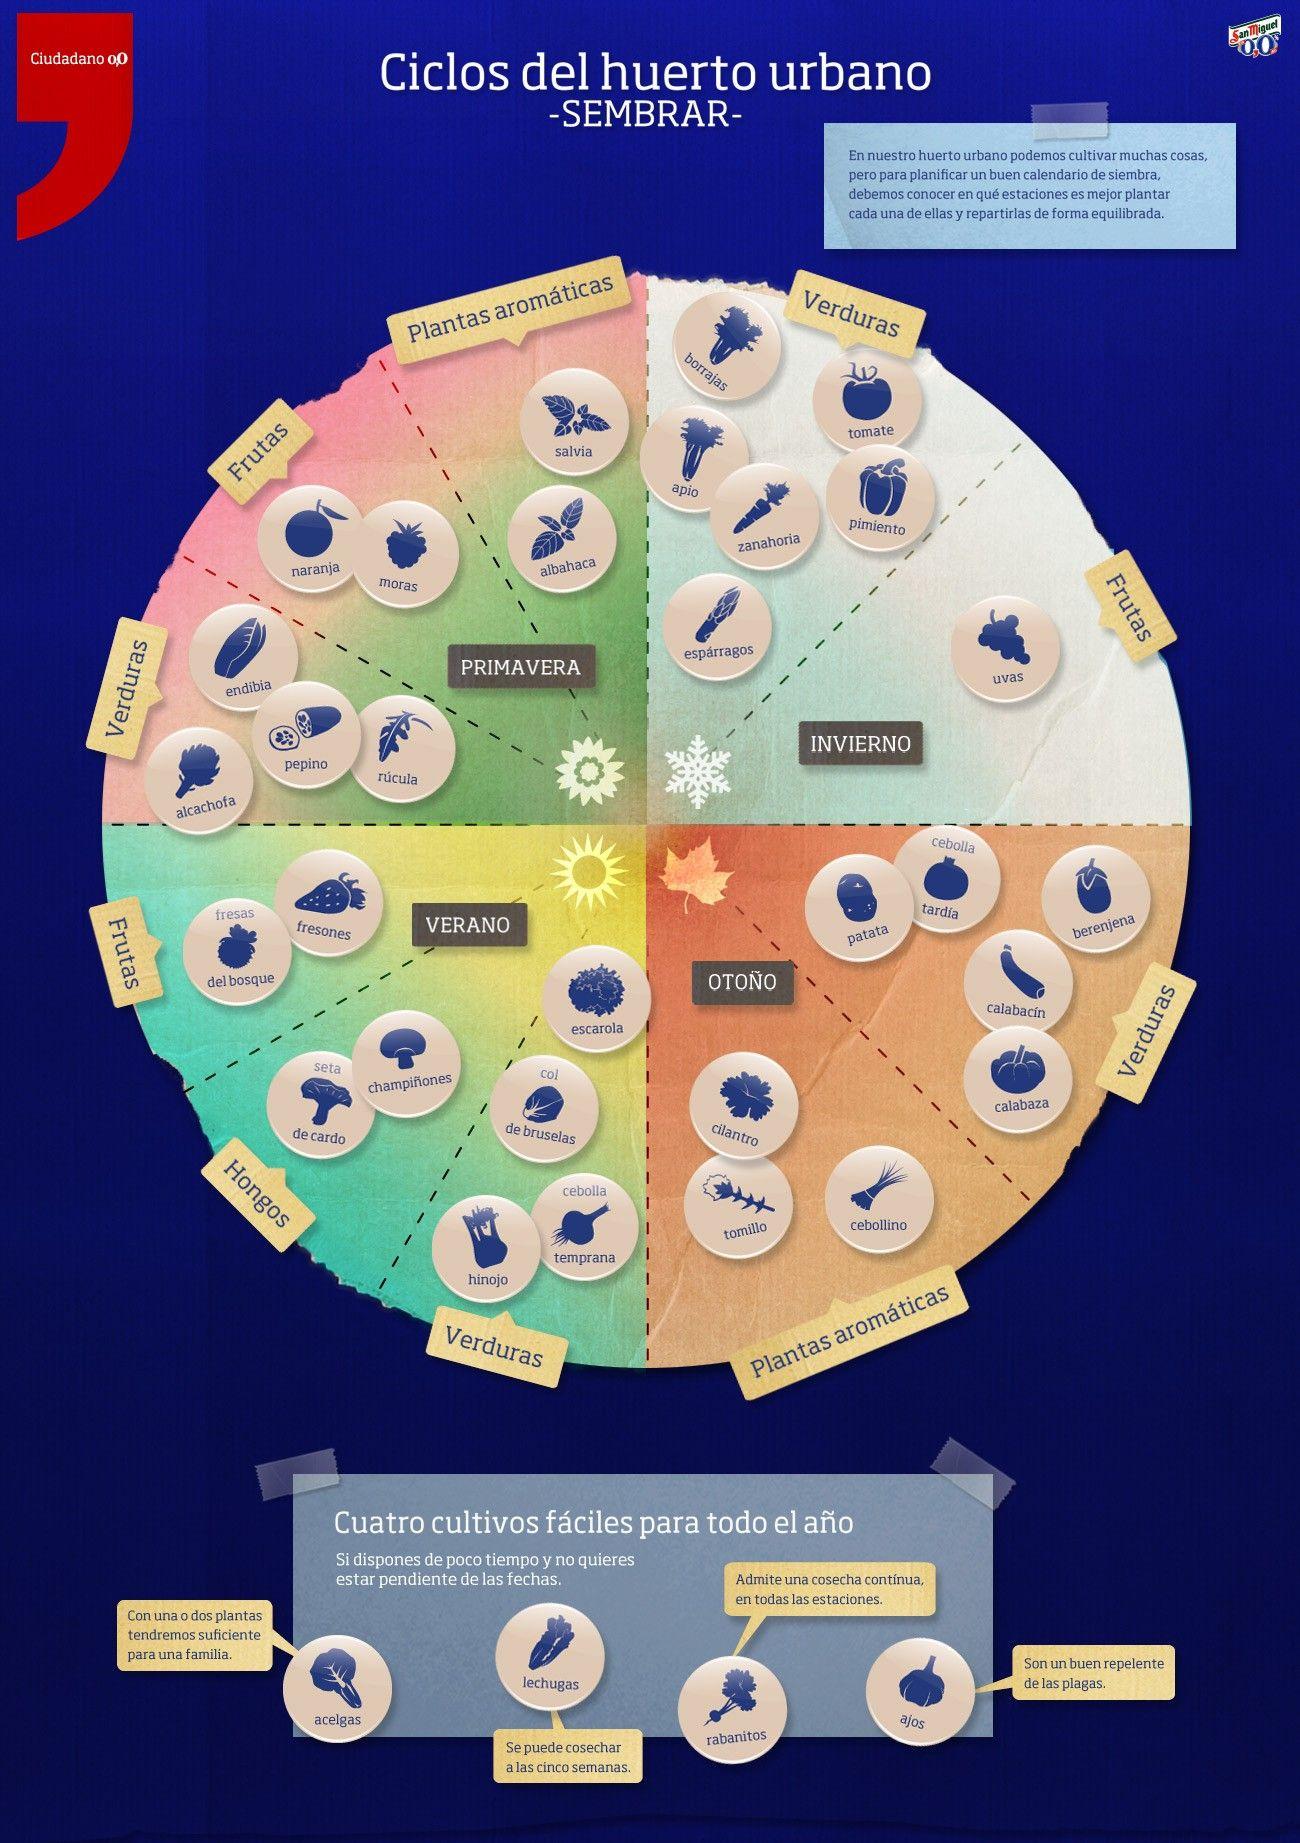 Infograf a ciclos del huerto sembrar asociaci n de for Asociacion cultivos huerto urbano